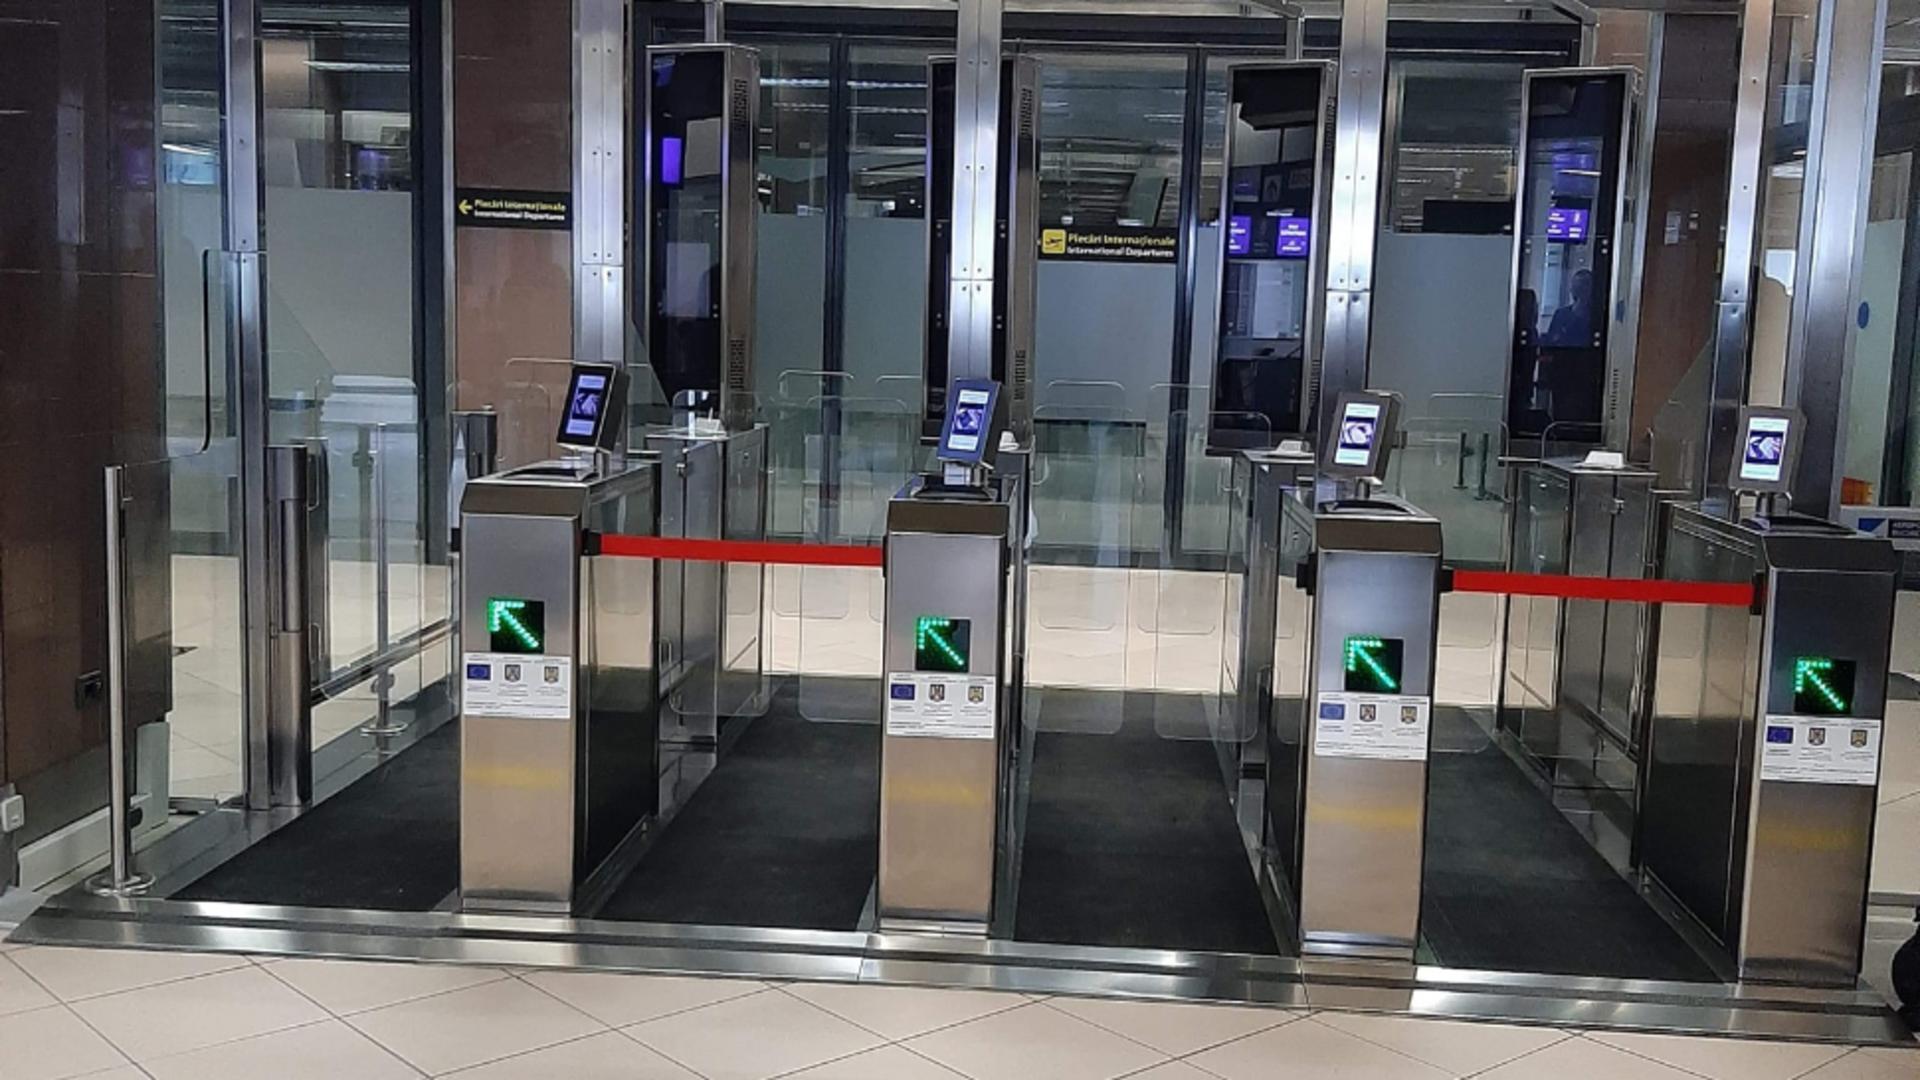 Aeroportul Otopeni are porți biometrice, iar cei care au astfel de pașapoarte nu mai stau la coadă la vameș